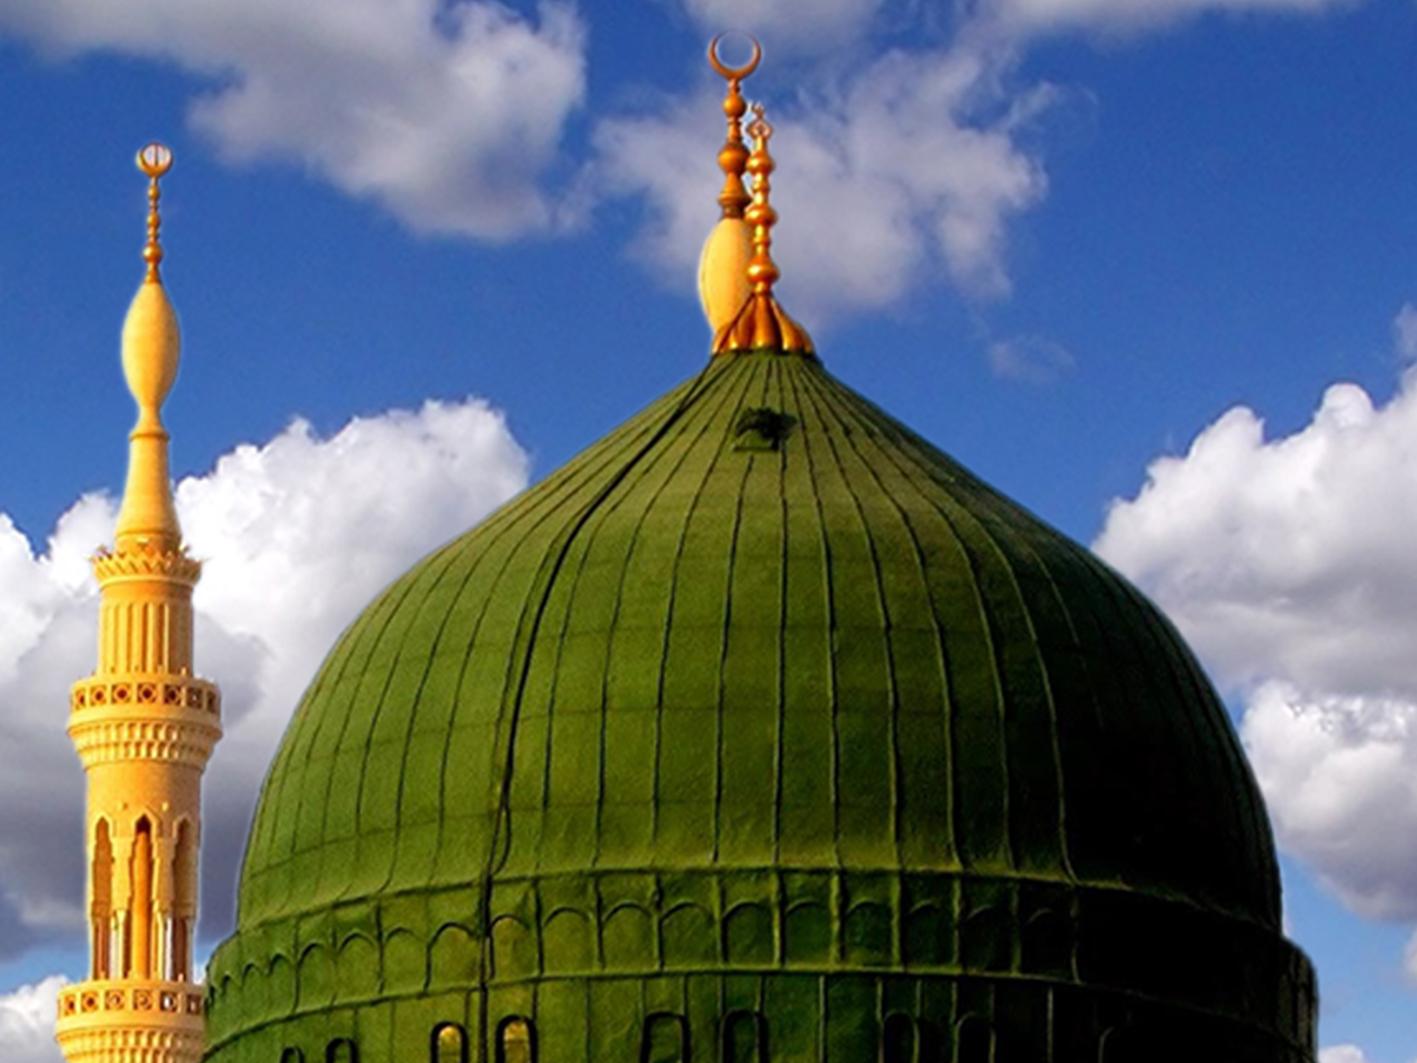 Hujjah Islam - Bersama Kami Anda Mengerti